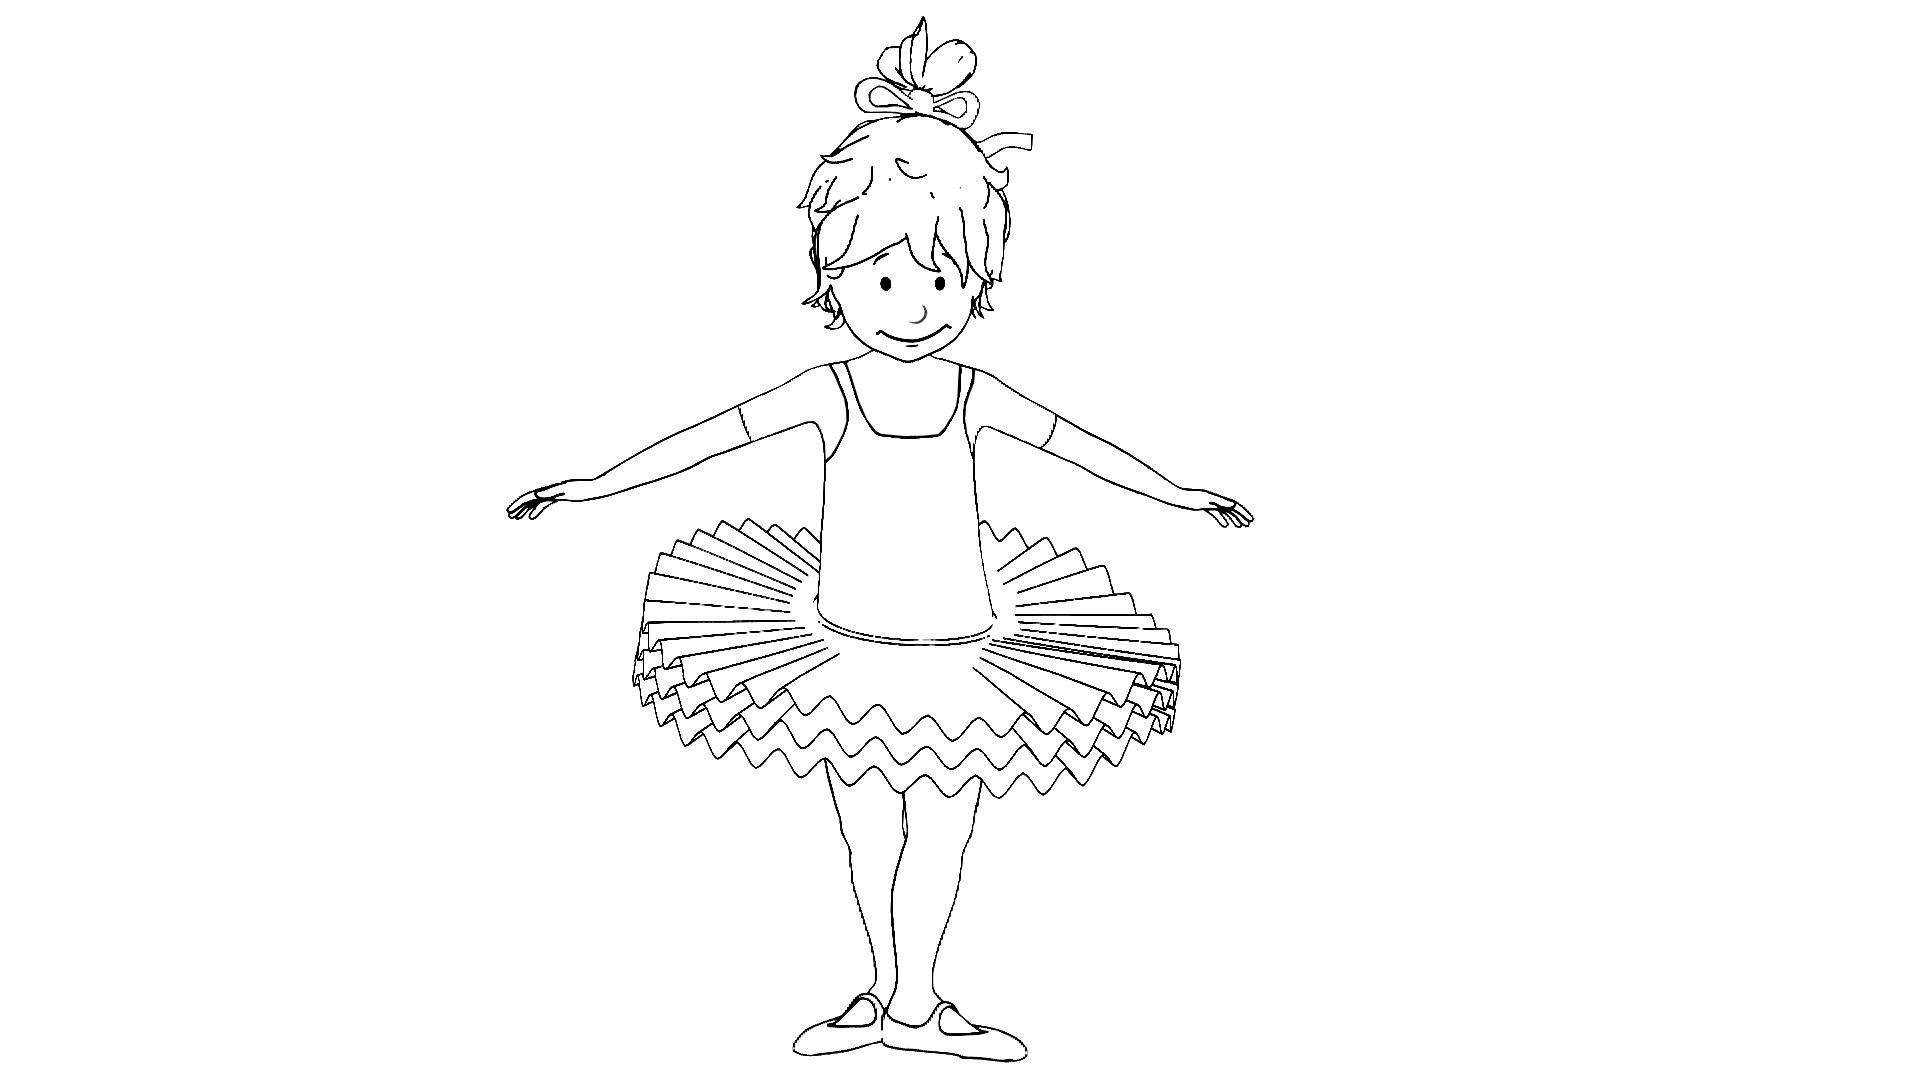 Meine Freundin Conni Ausmalbilder Inspirierend Emma Tanzt Ballet Kiddimalseite Best Ballett Ausmalbilder Bild